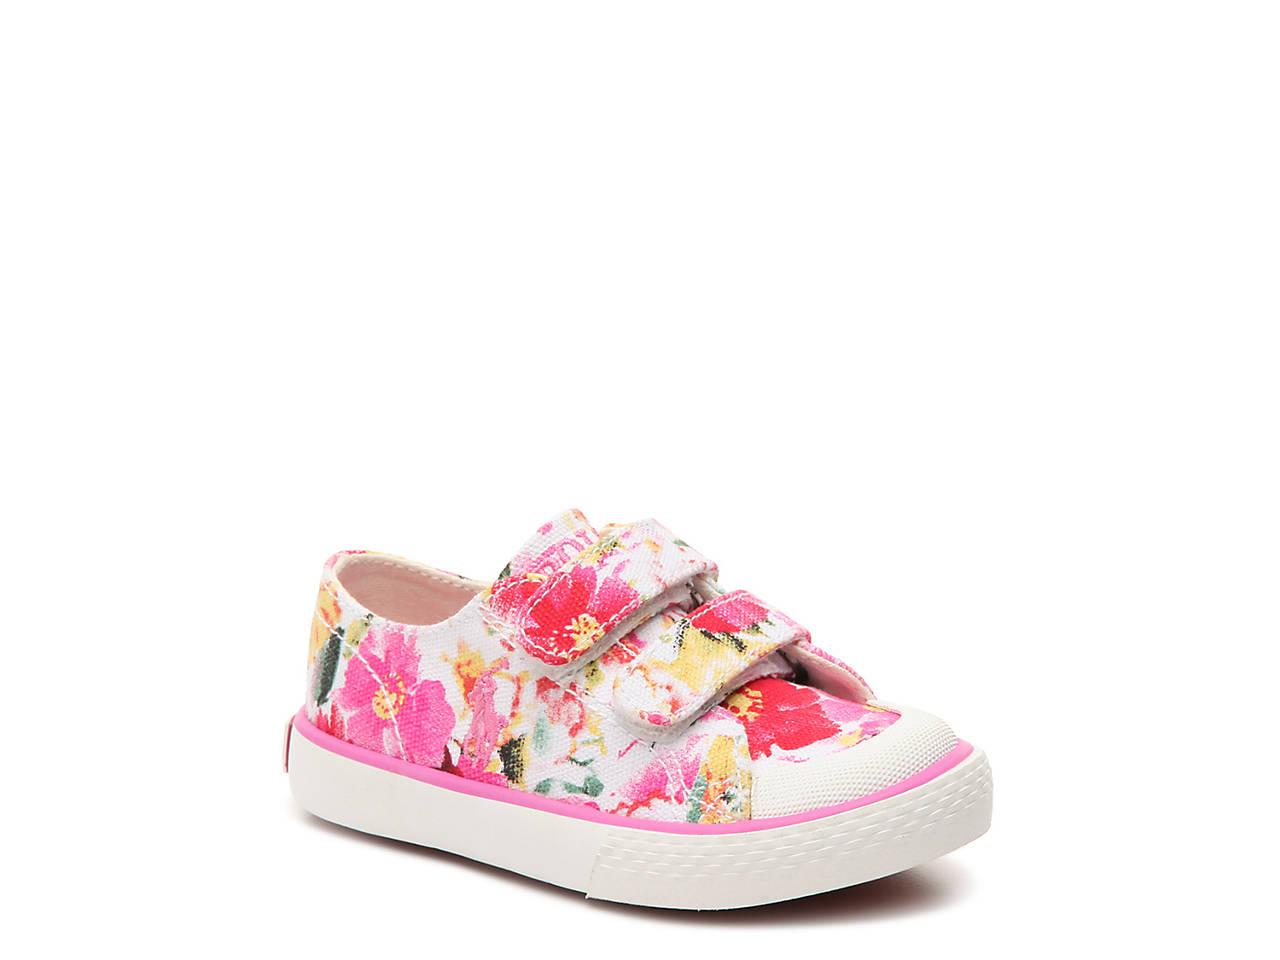 b8b664834da Polo Ralph Lauren Chandler Toddler Sneaker Kids Shoes